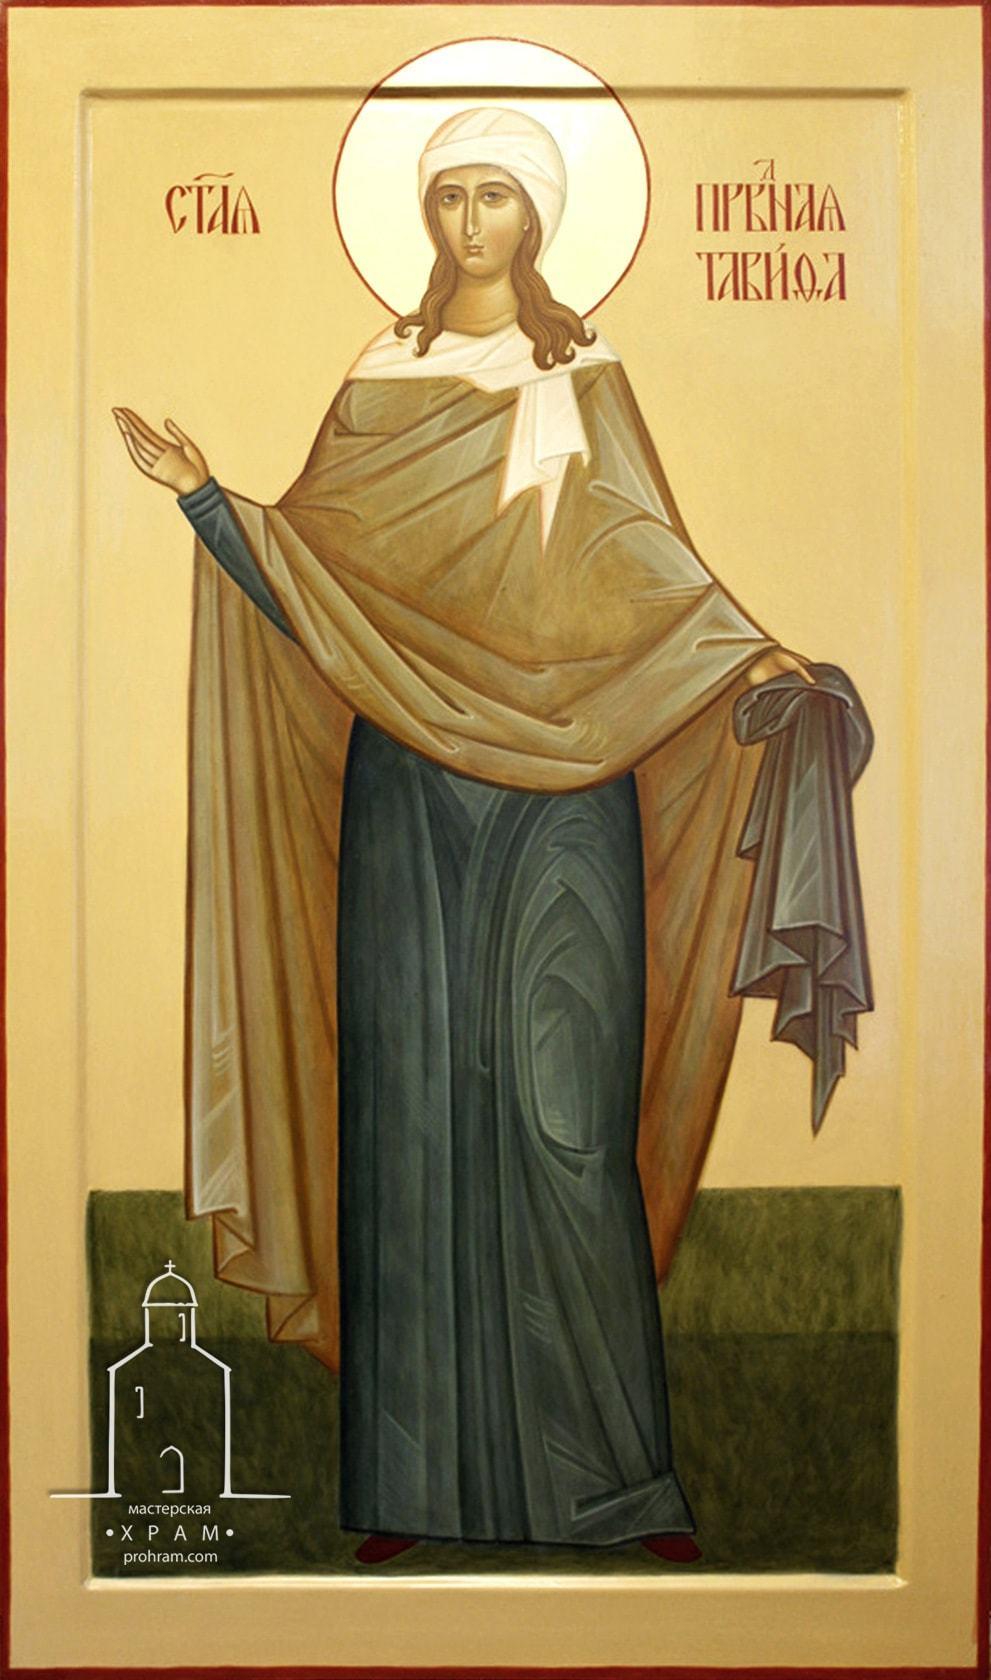 написание икон, заказать написание икон, написание икон на заказ, писаная икона, купить писаную икону, святая праведная Тавифа, икона святой Тавифы